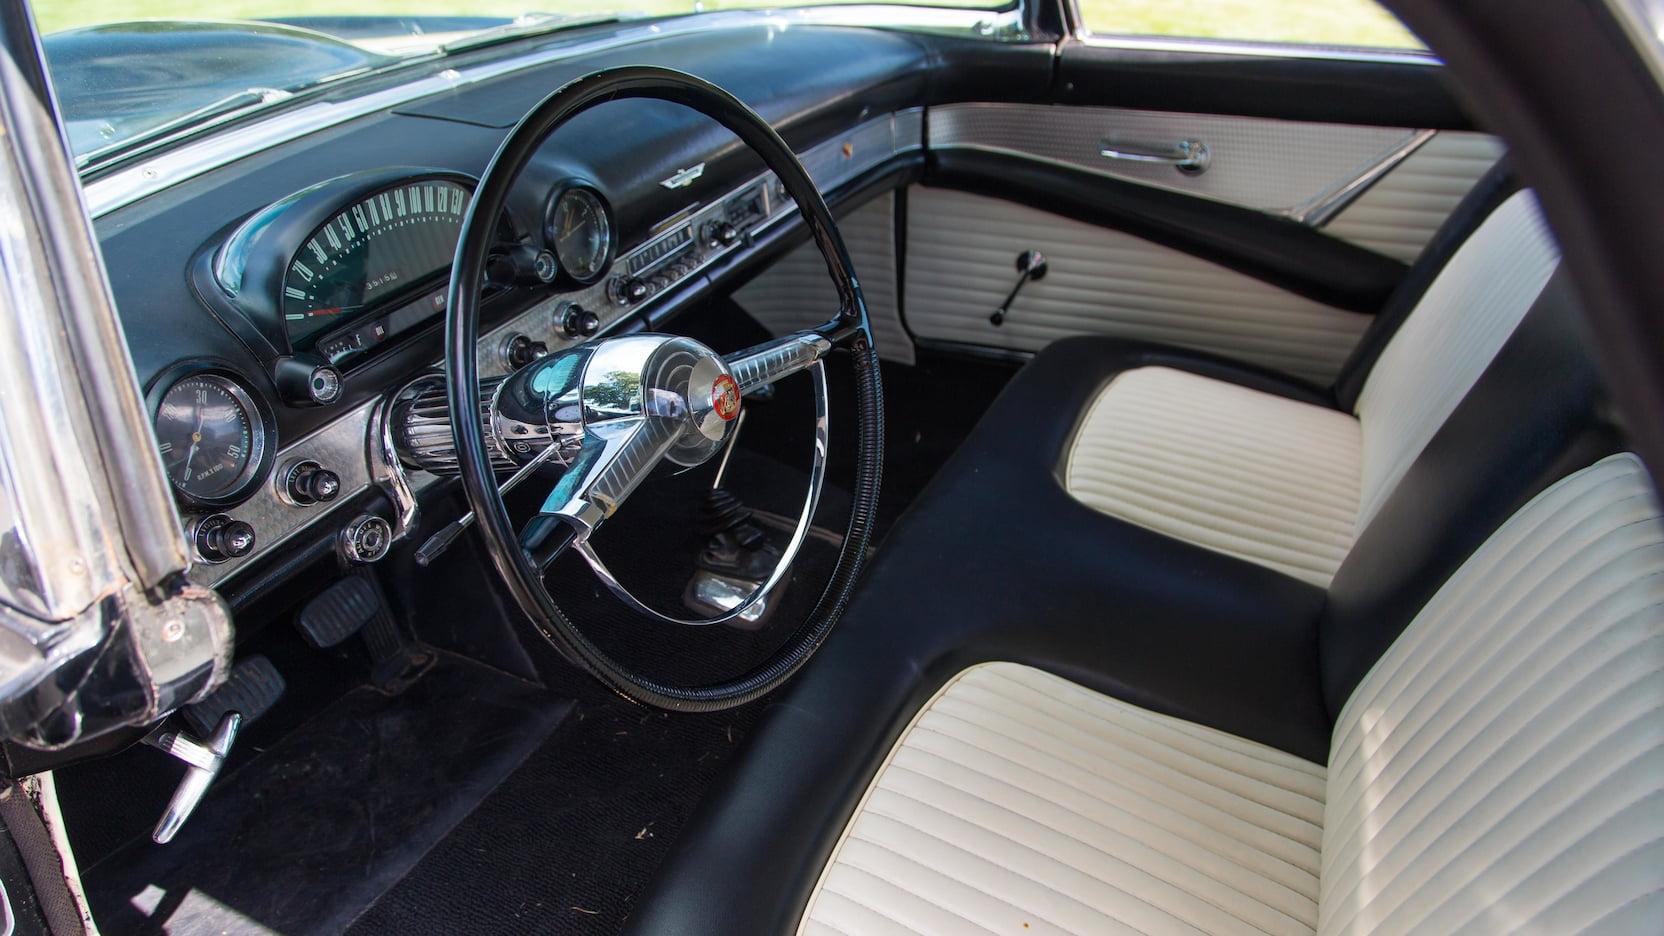 1955 Ford Thunderbird interior